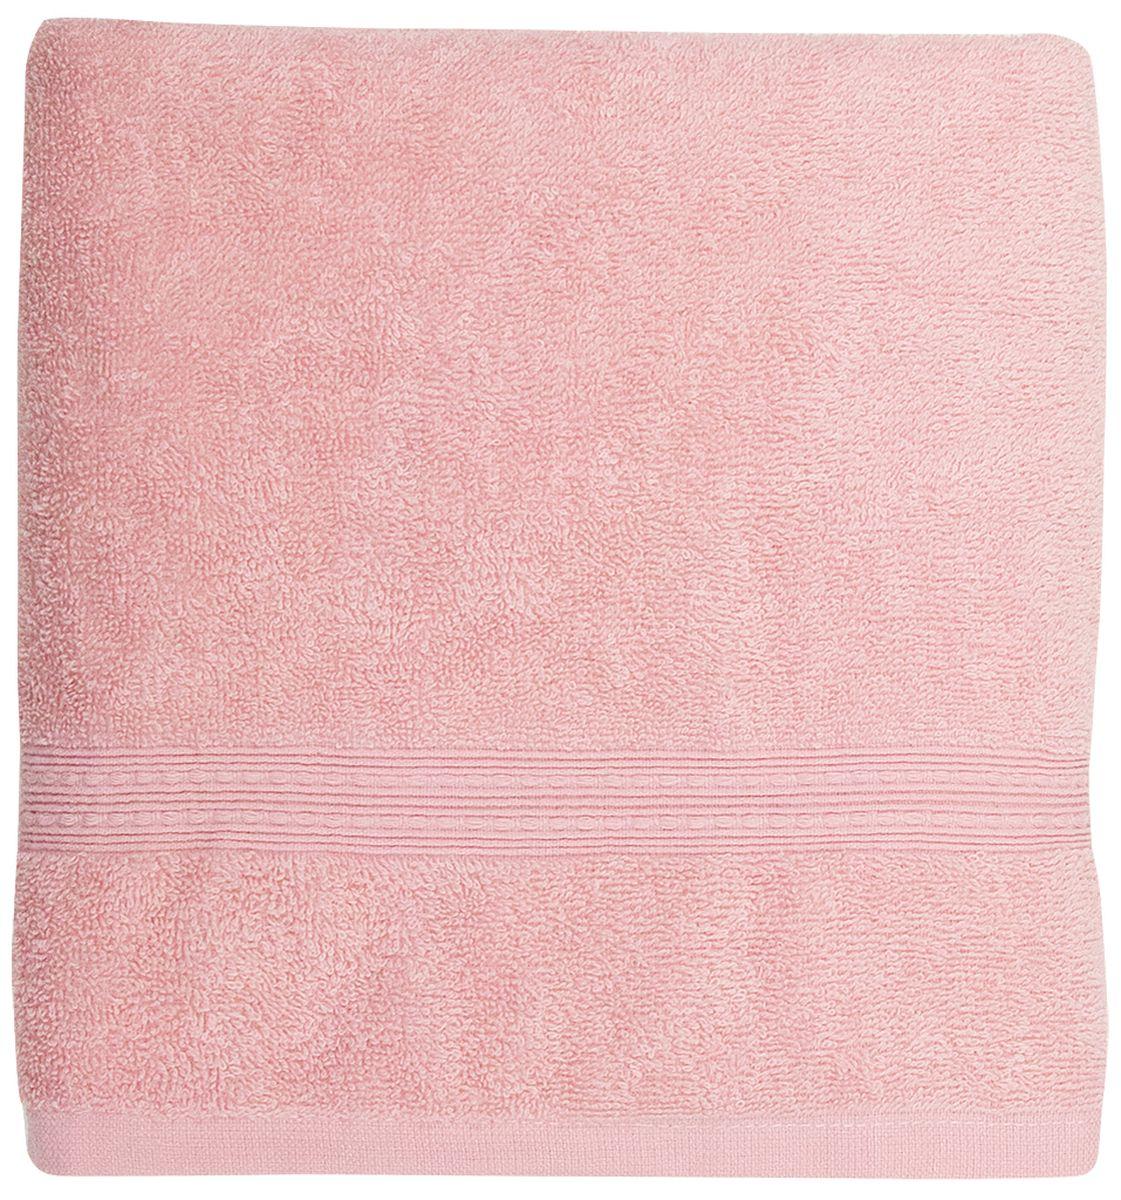 Полотенце банное Bonita Classic, махровое, цвет: роза, 50 x 90 см1011217218Банное полотенце Bonita Classic выполнено из махровой ткани. Изделие отлично впитывает влагу, быстро сохнет, сохраняет яркость цвета и нетеряет форму даже после многократных стирок. Такое полотенце очень практично и неприхотливо в уходе. Оно создаст прекрасное настроение и украсит интерьер в ванной комнате.